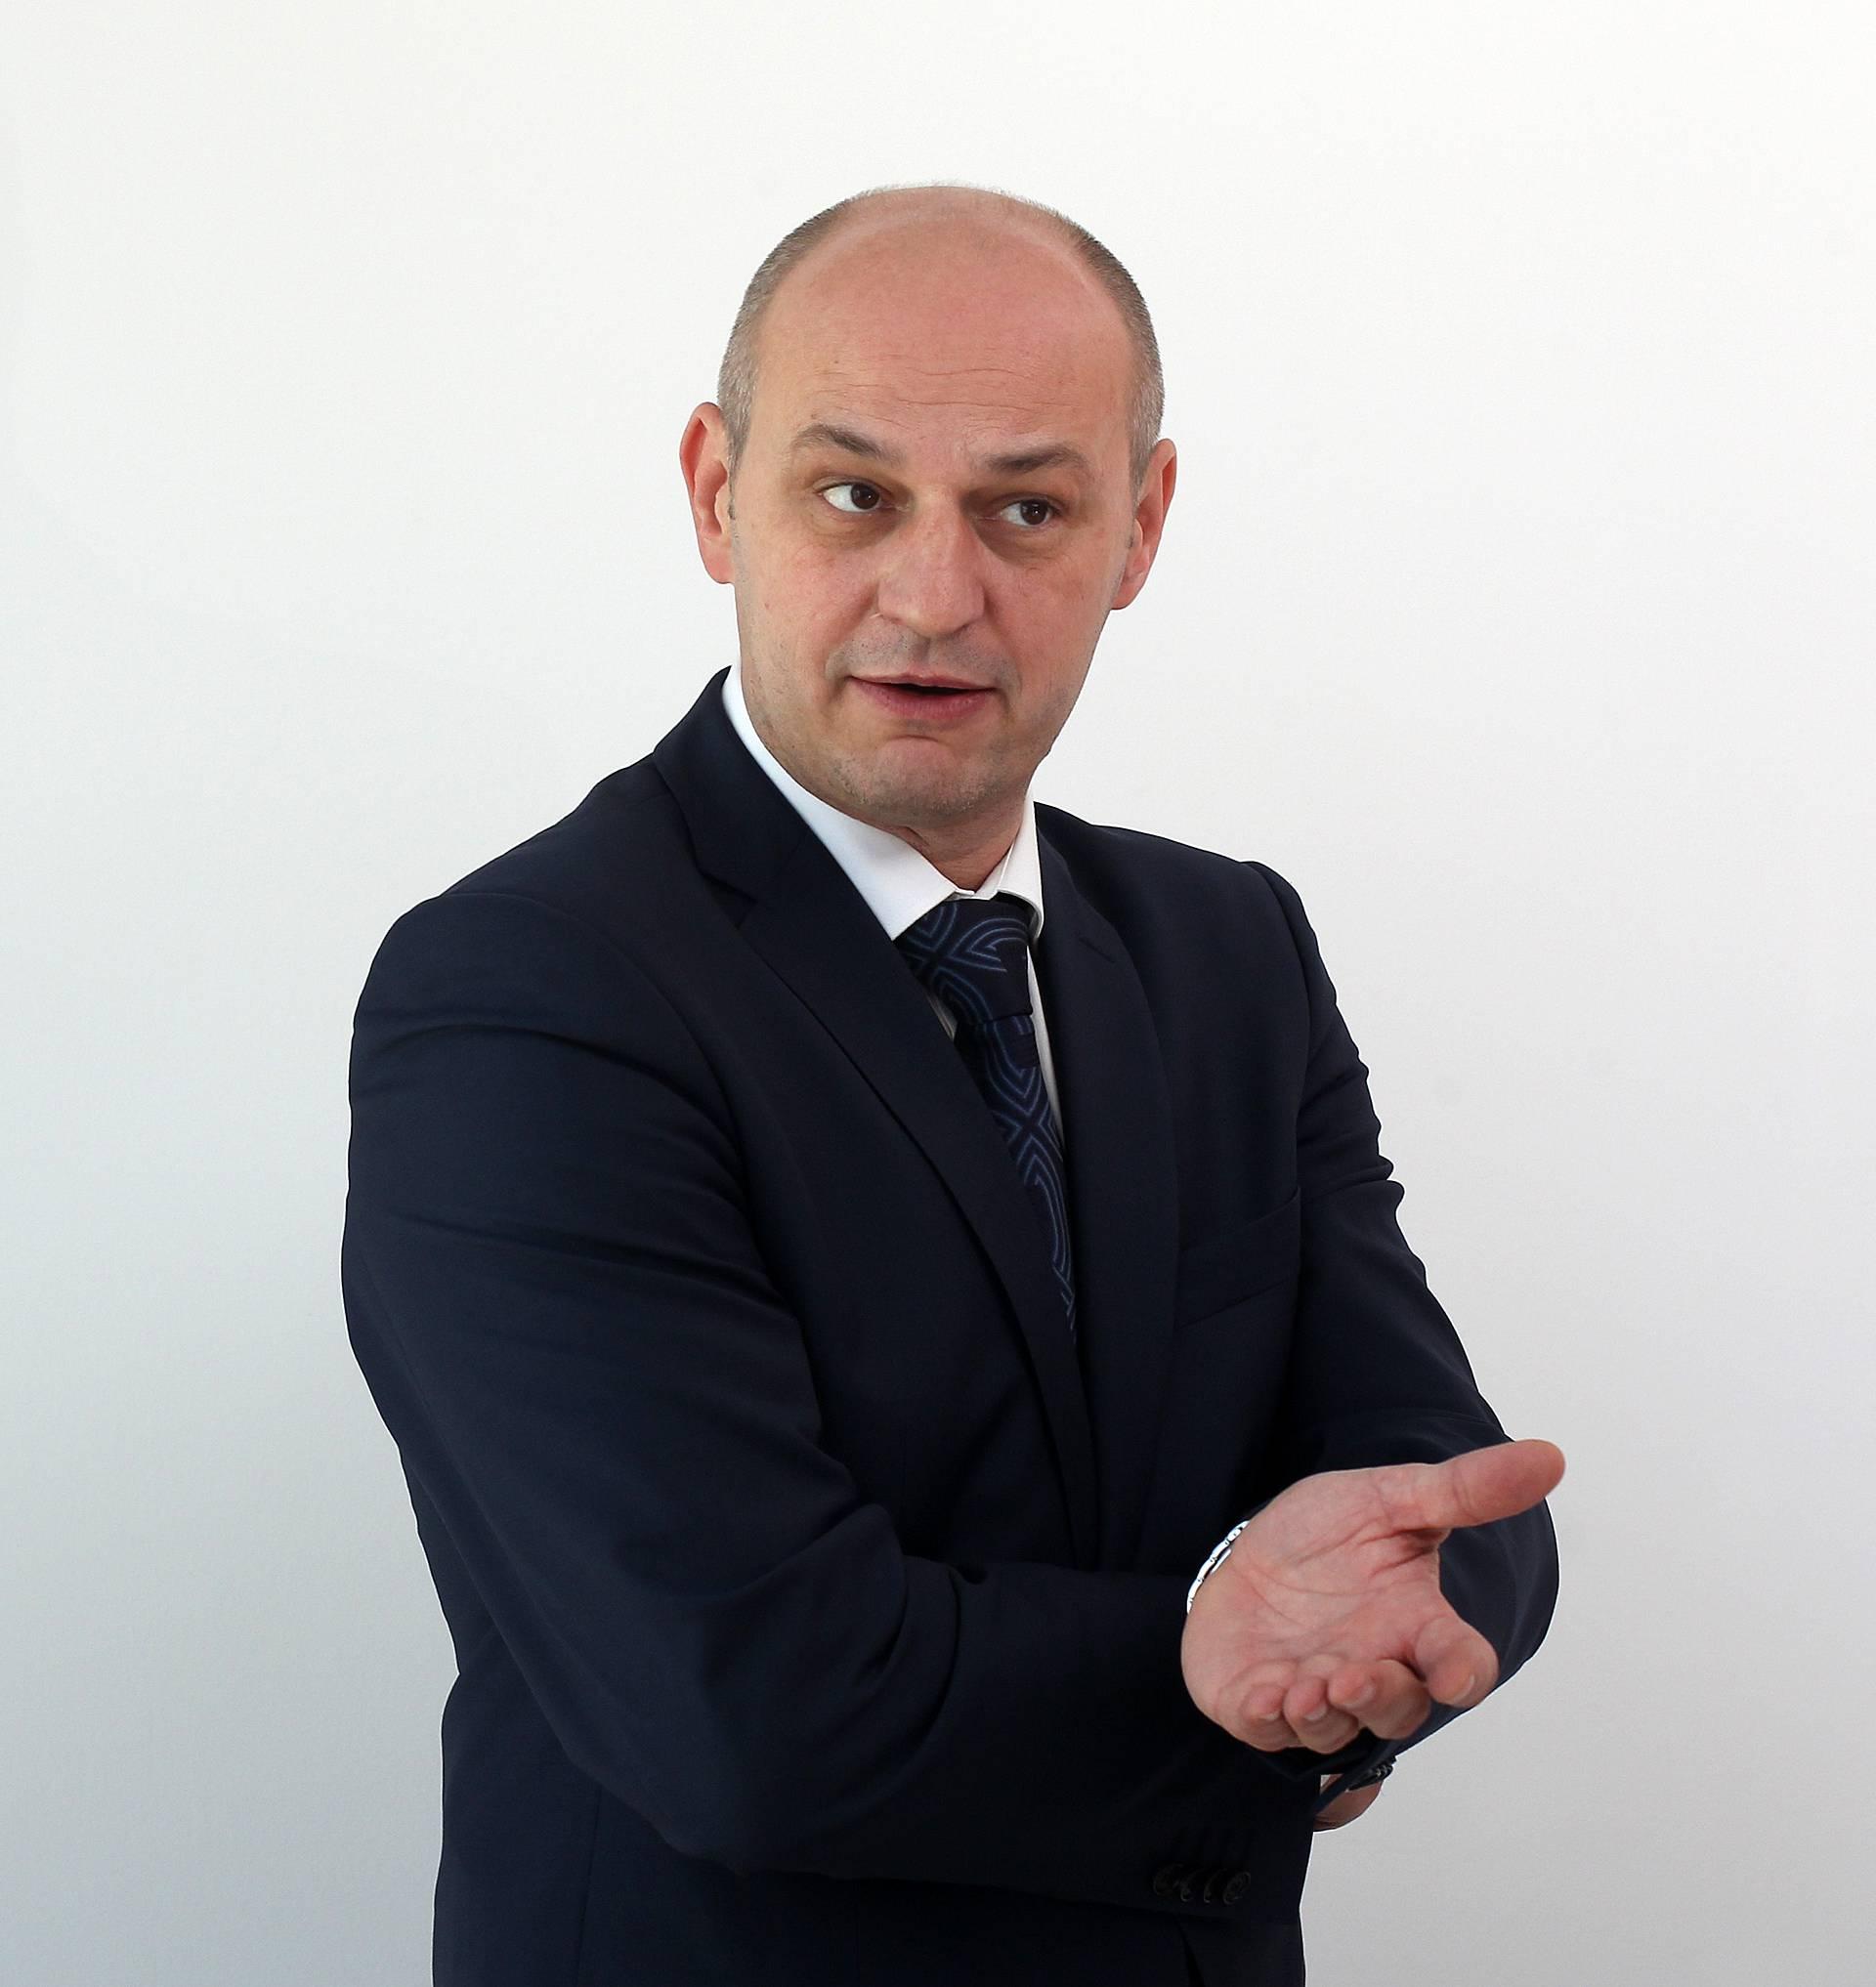 Mislav Kolakusic